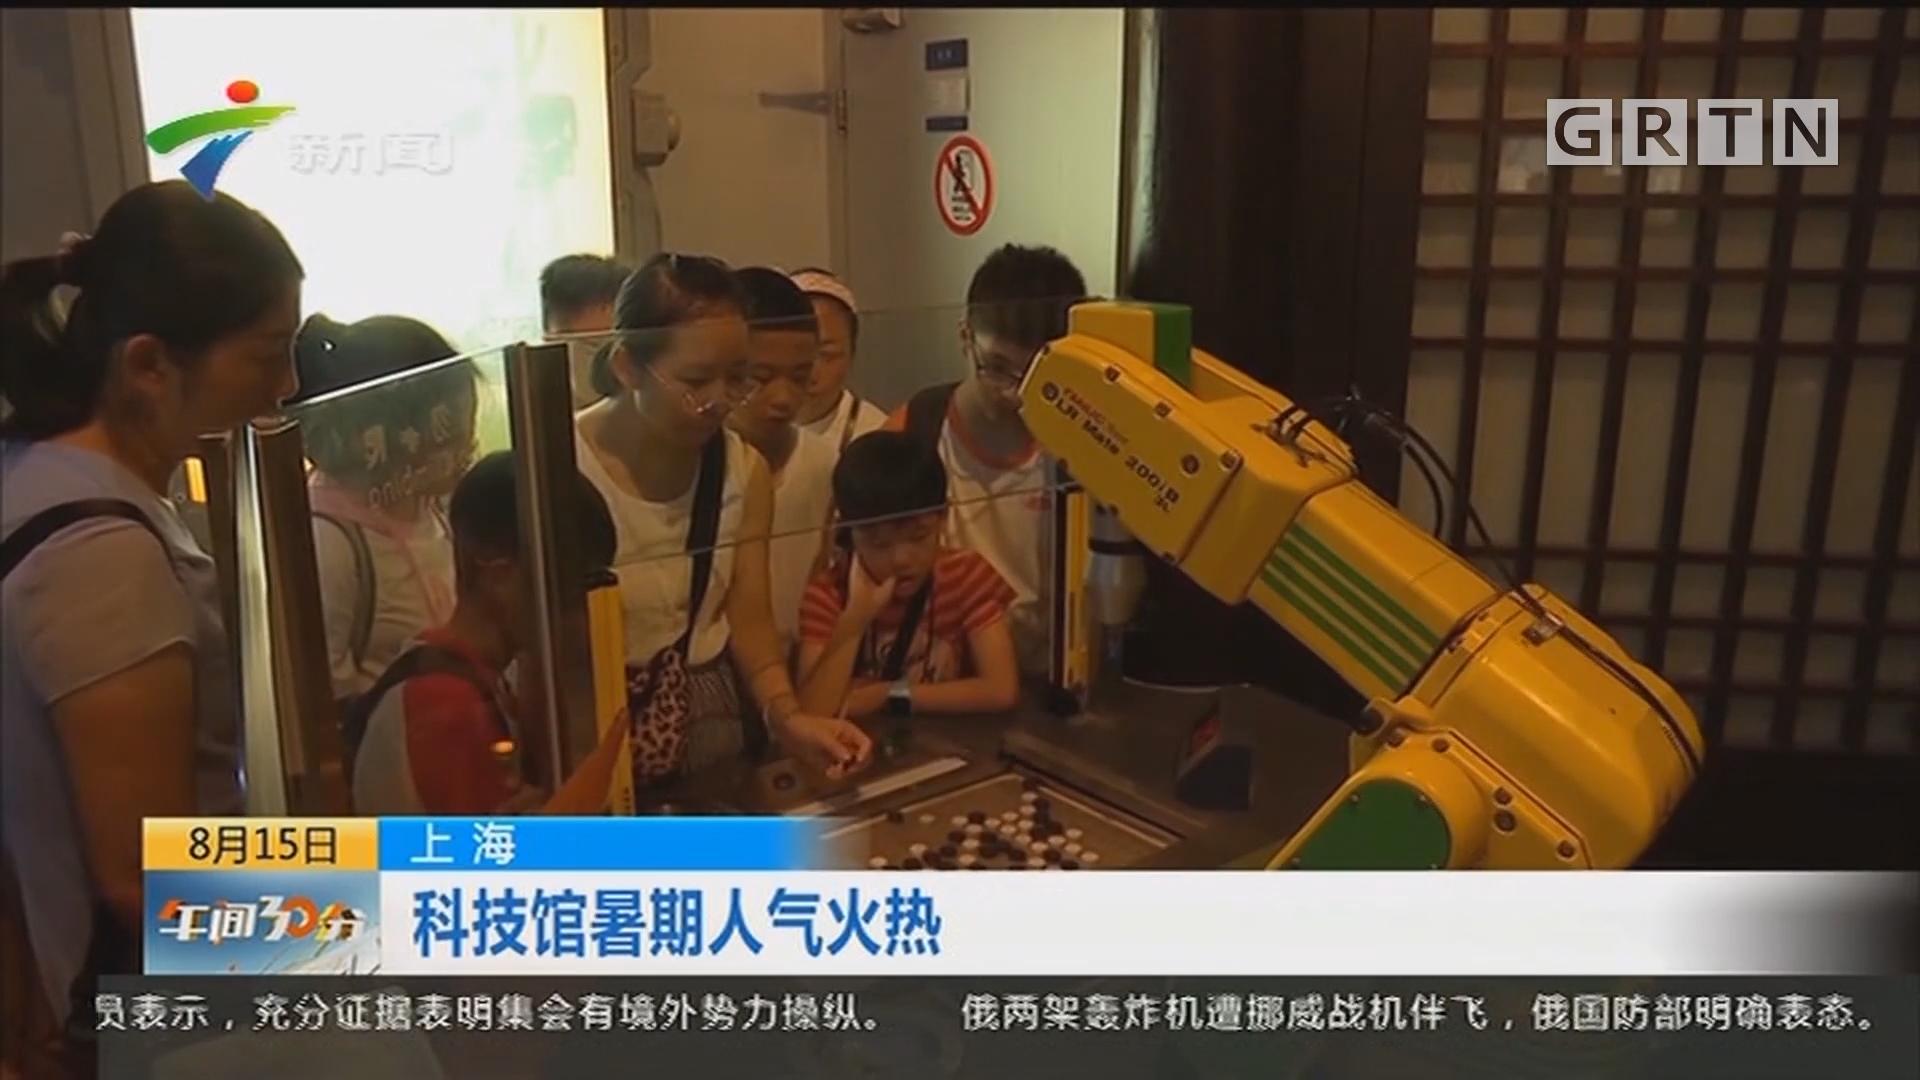 上海:科技館暑期人氣火熱